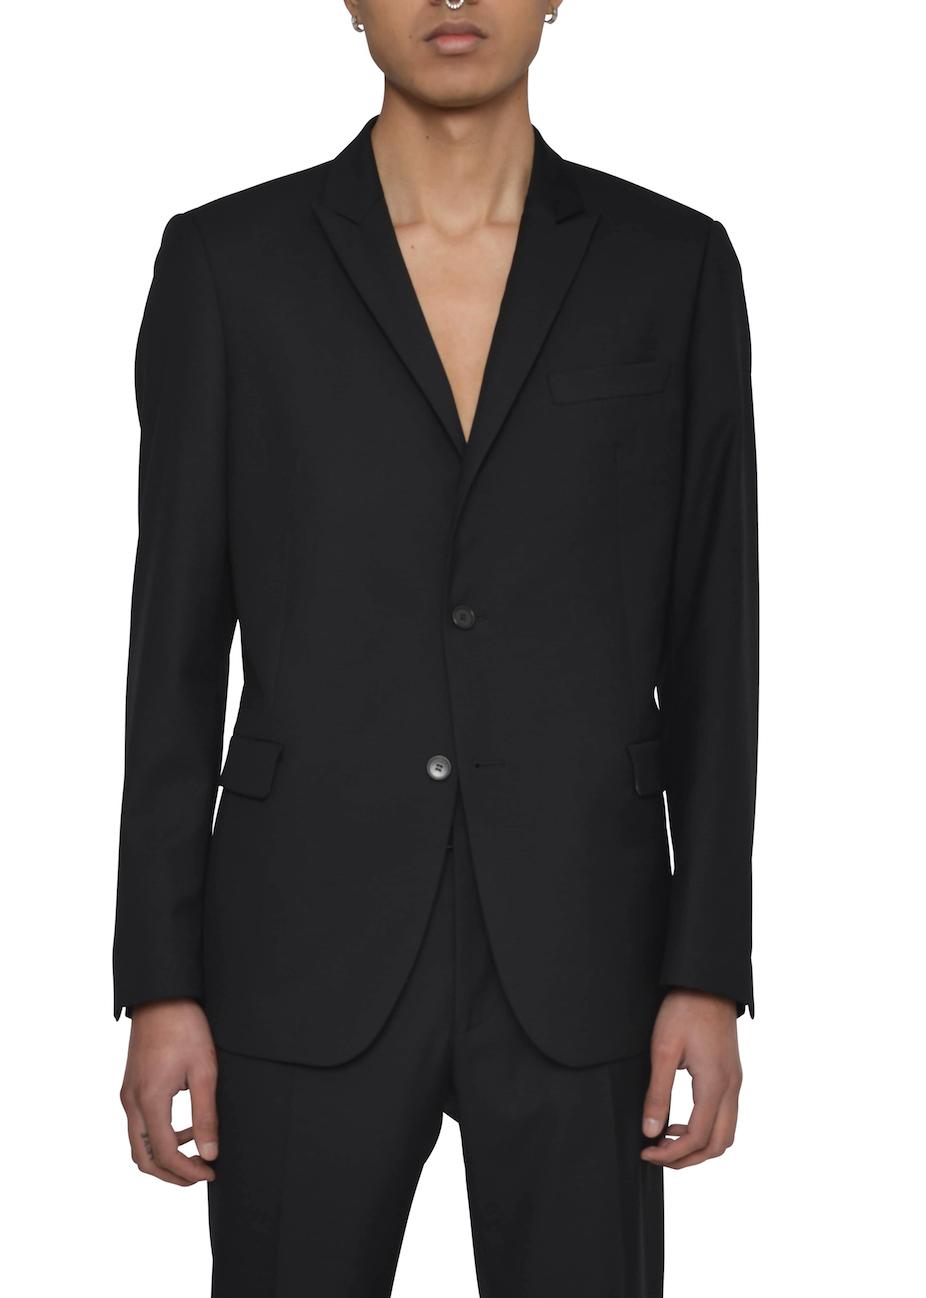 Suit CUPIM 3